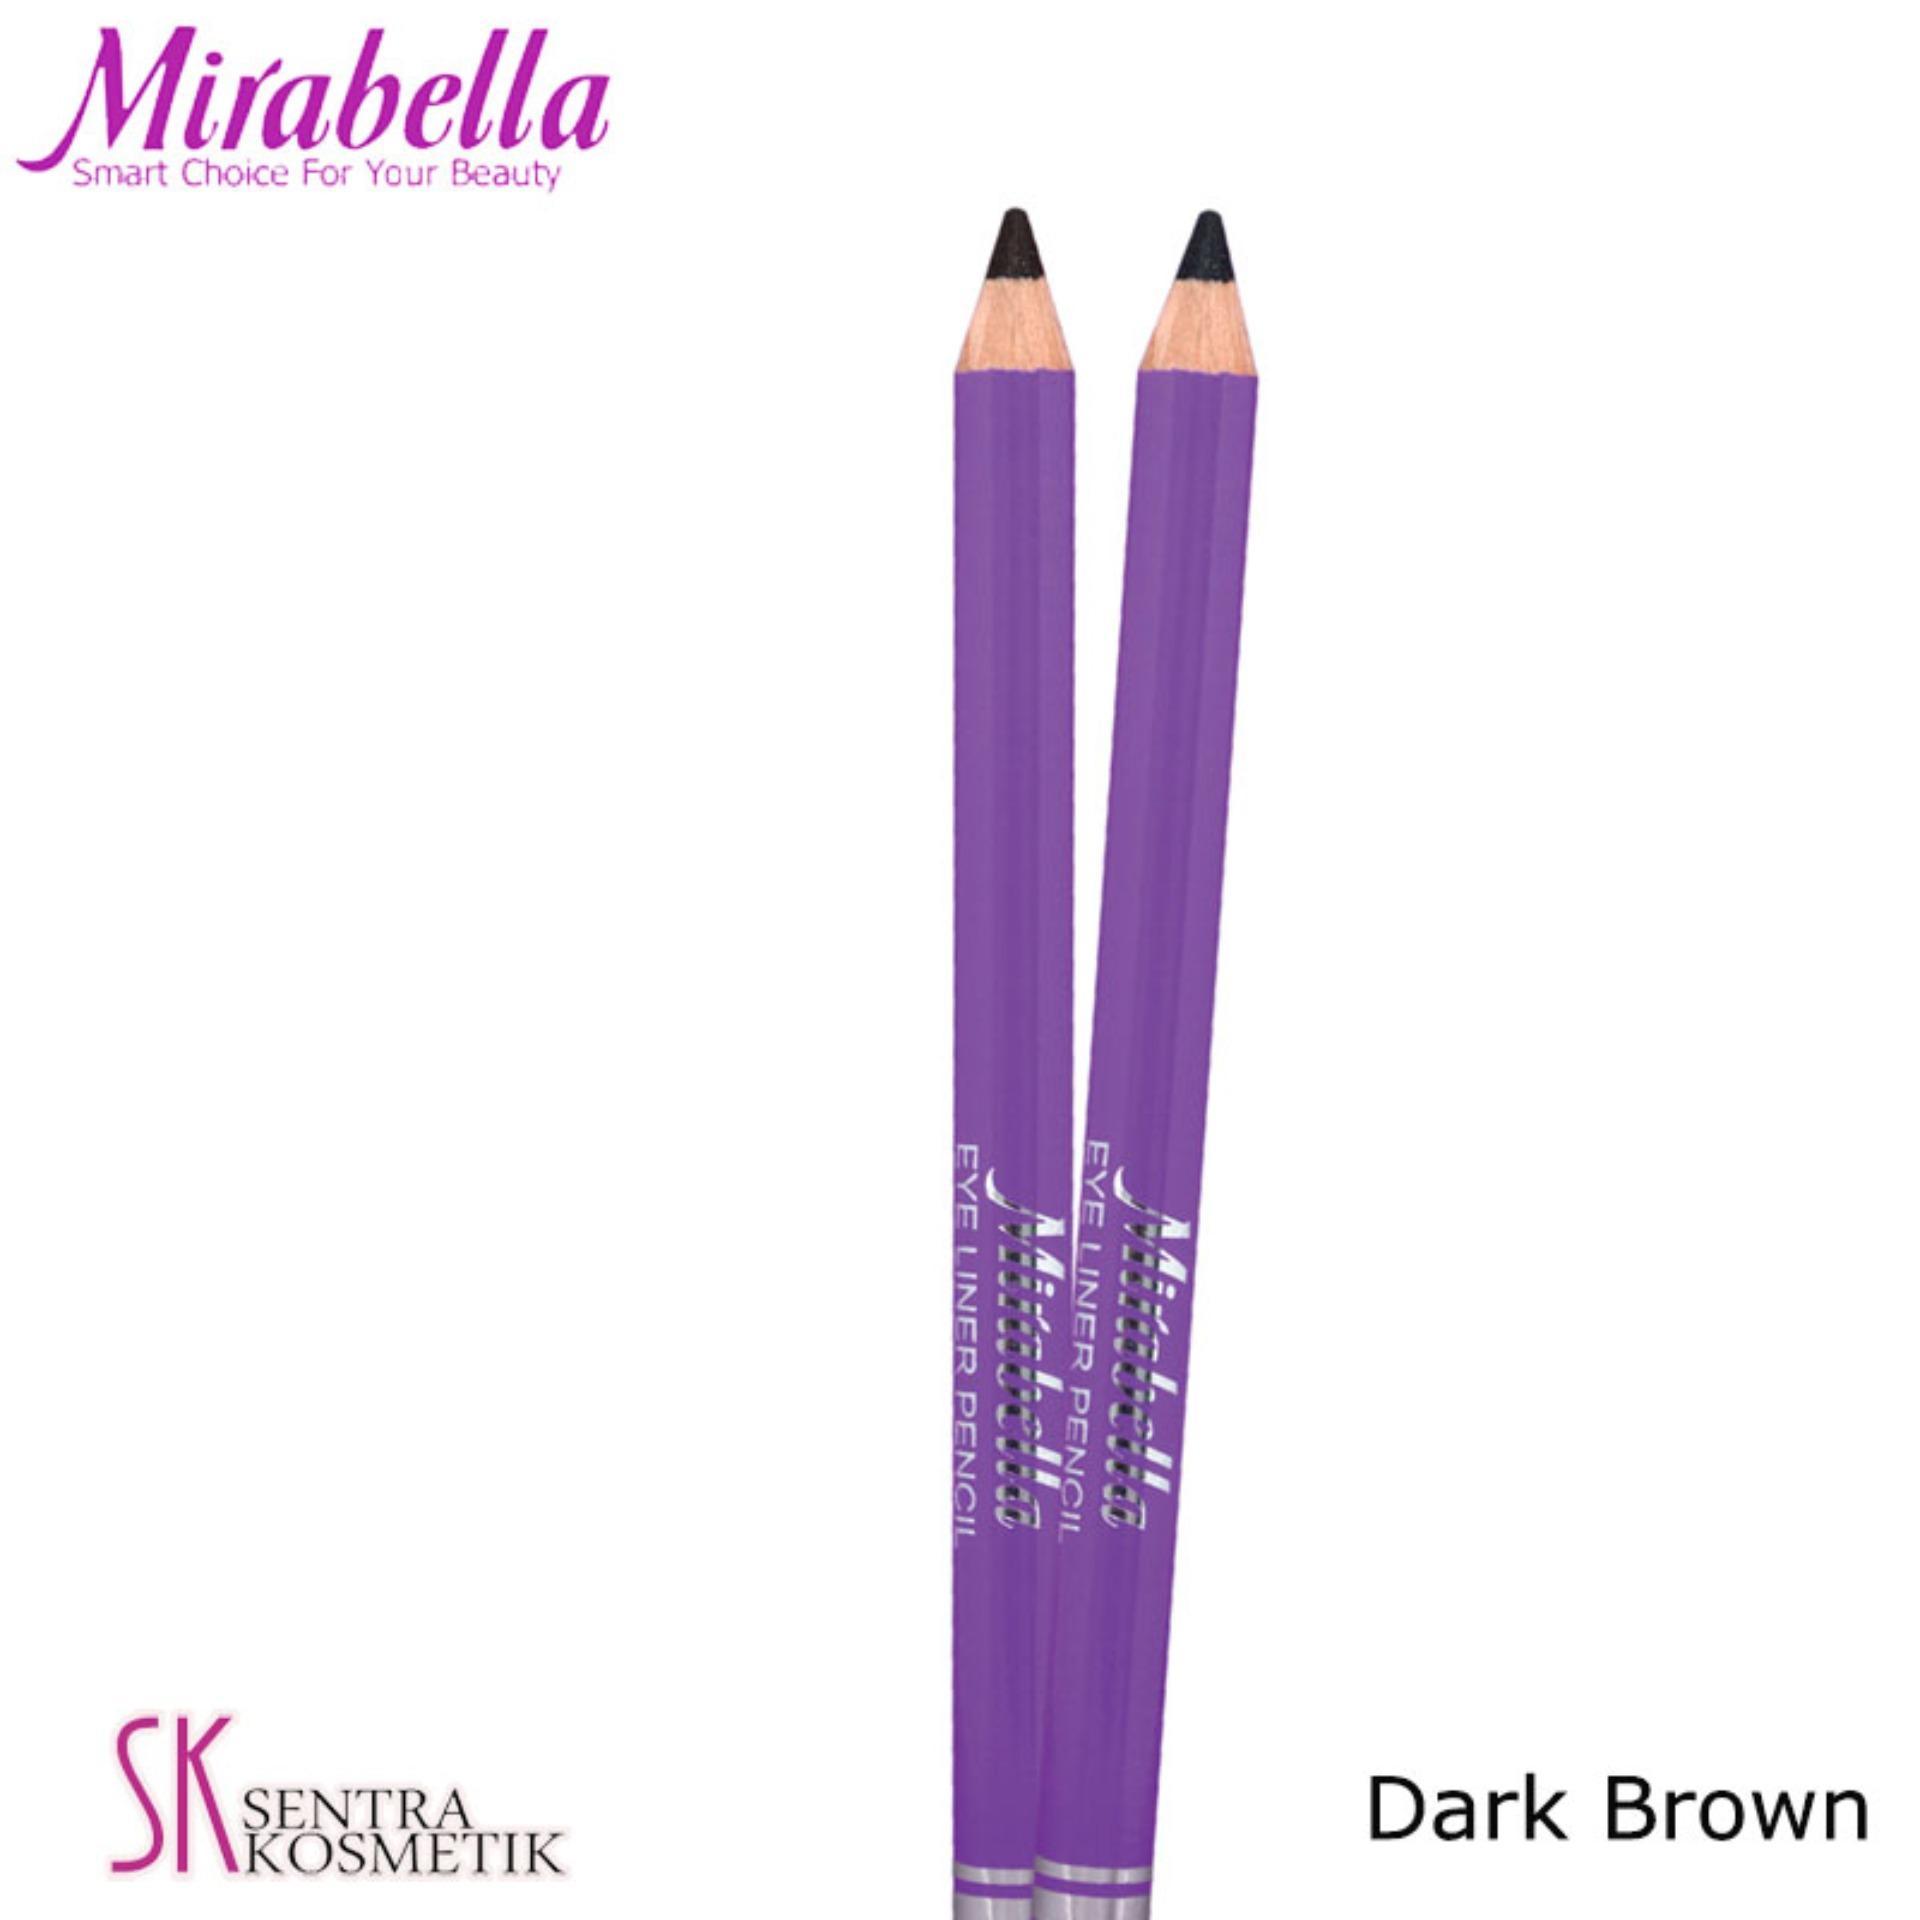 MIRABELLA EyeBrow Pencil - Dark Brown